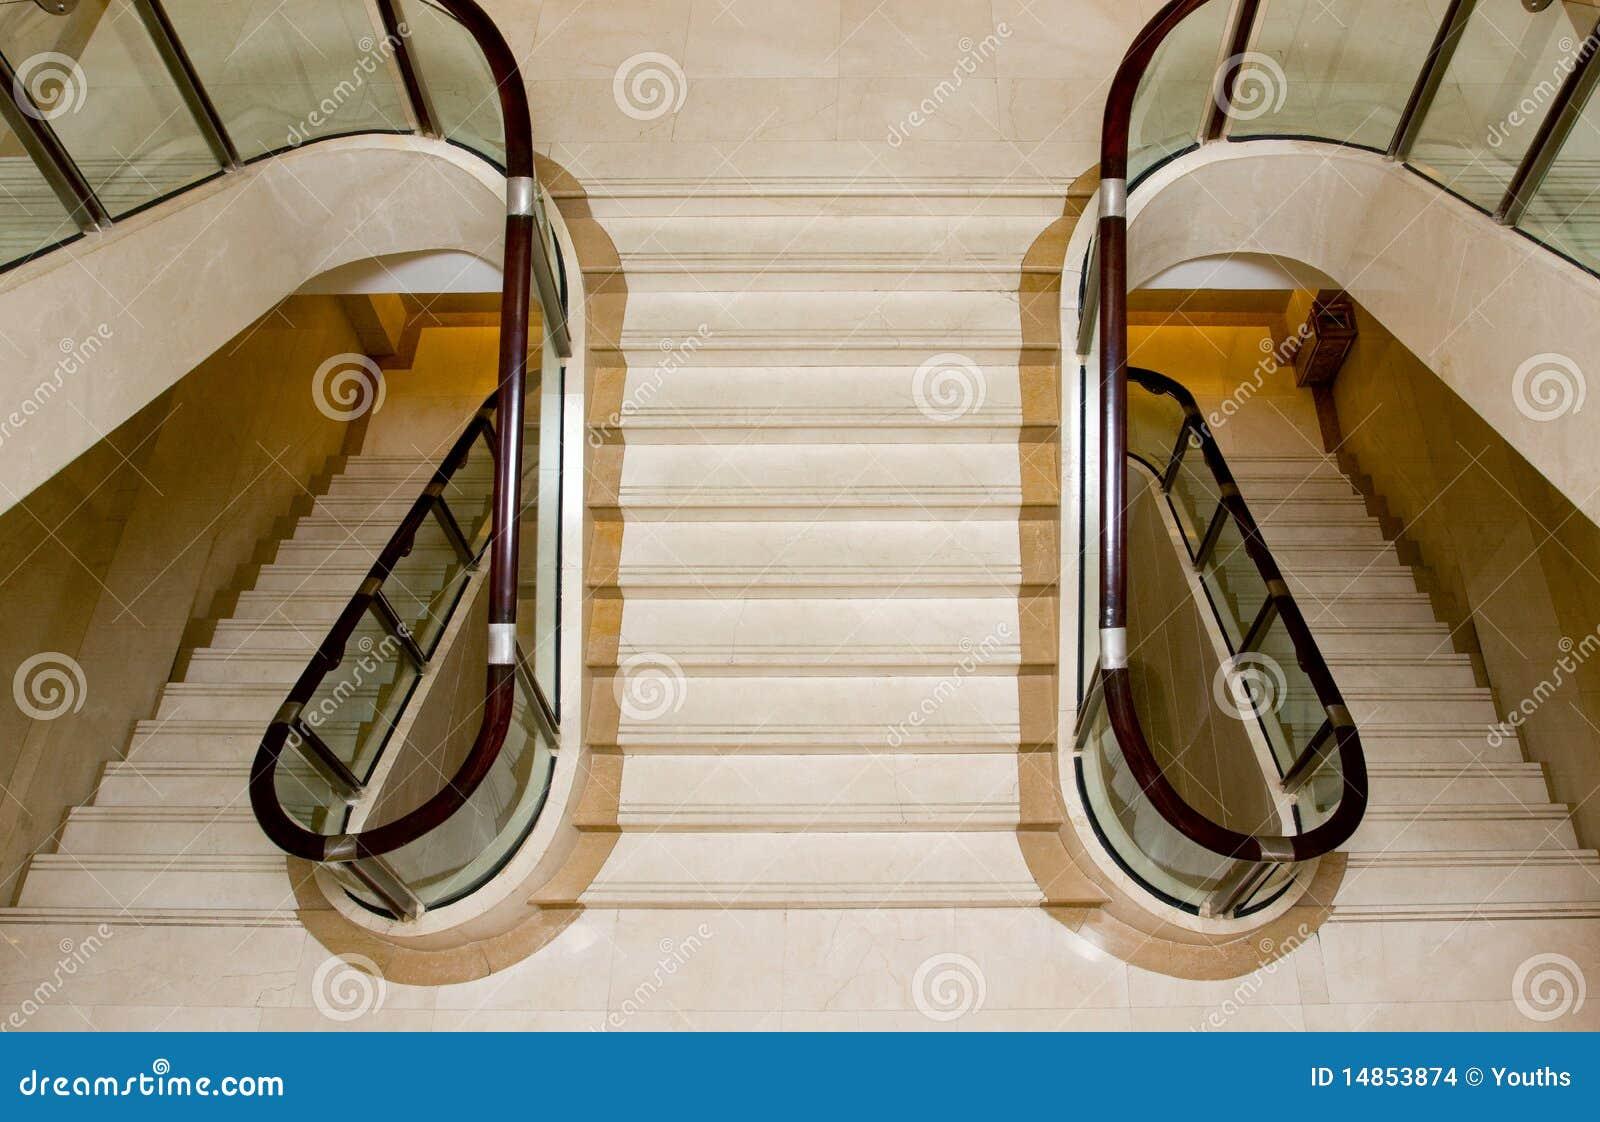 Escaleras interiores imagenes de archivo imagen 14853874 - Fotos escaleras interiores ...